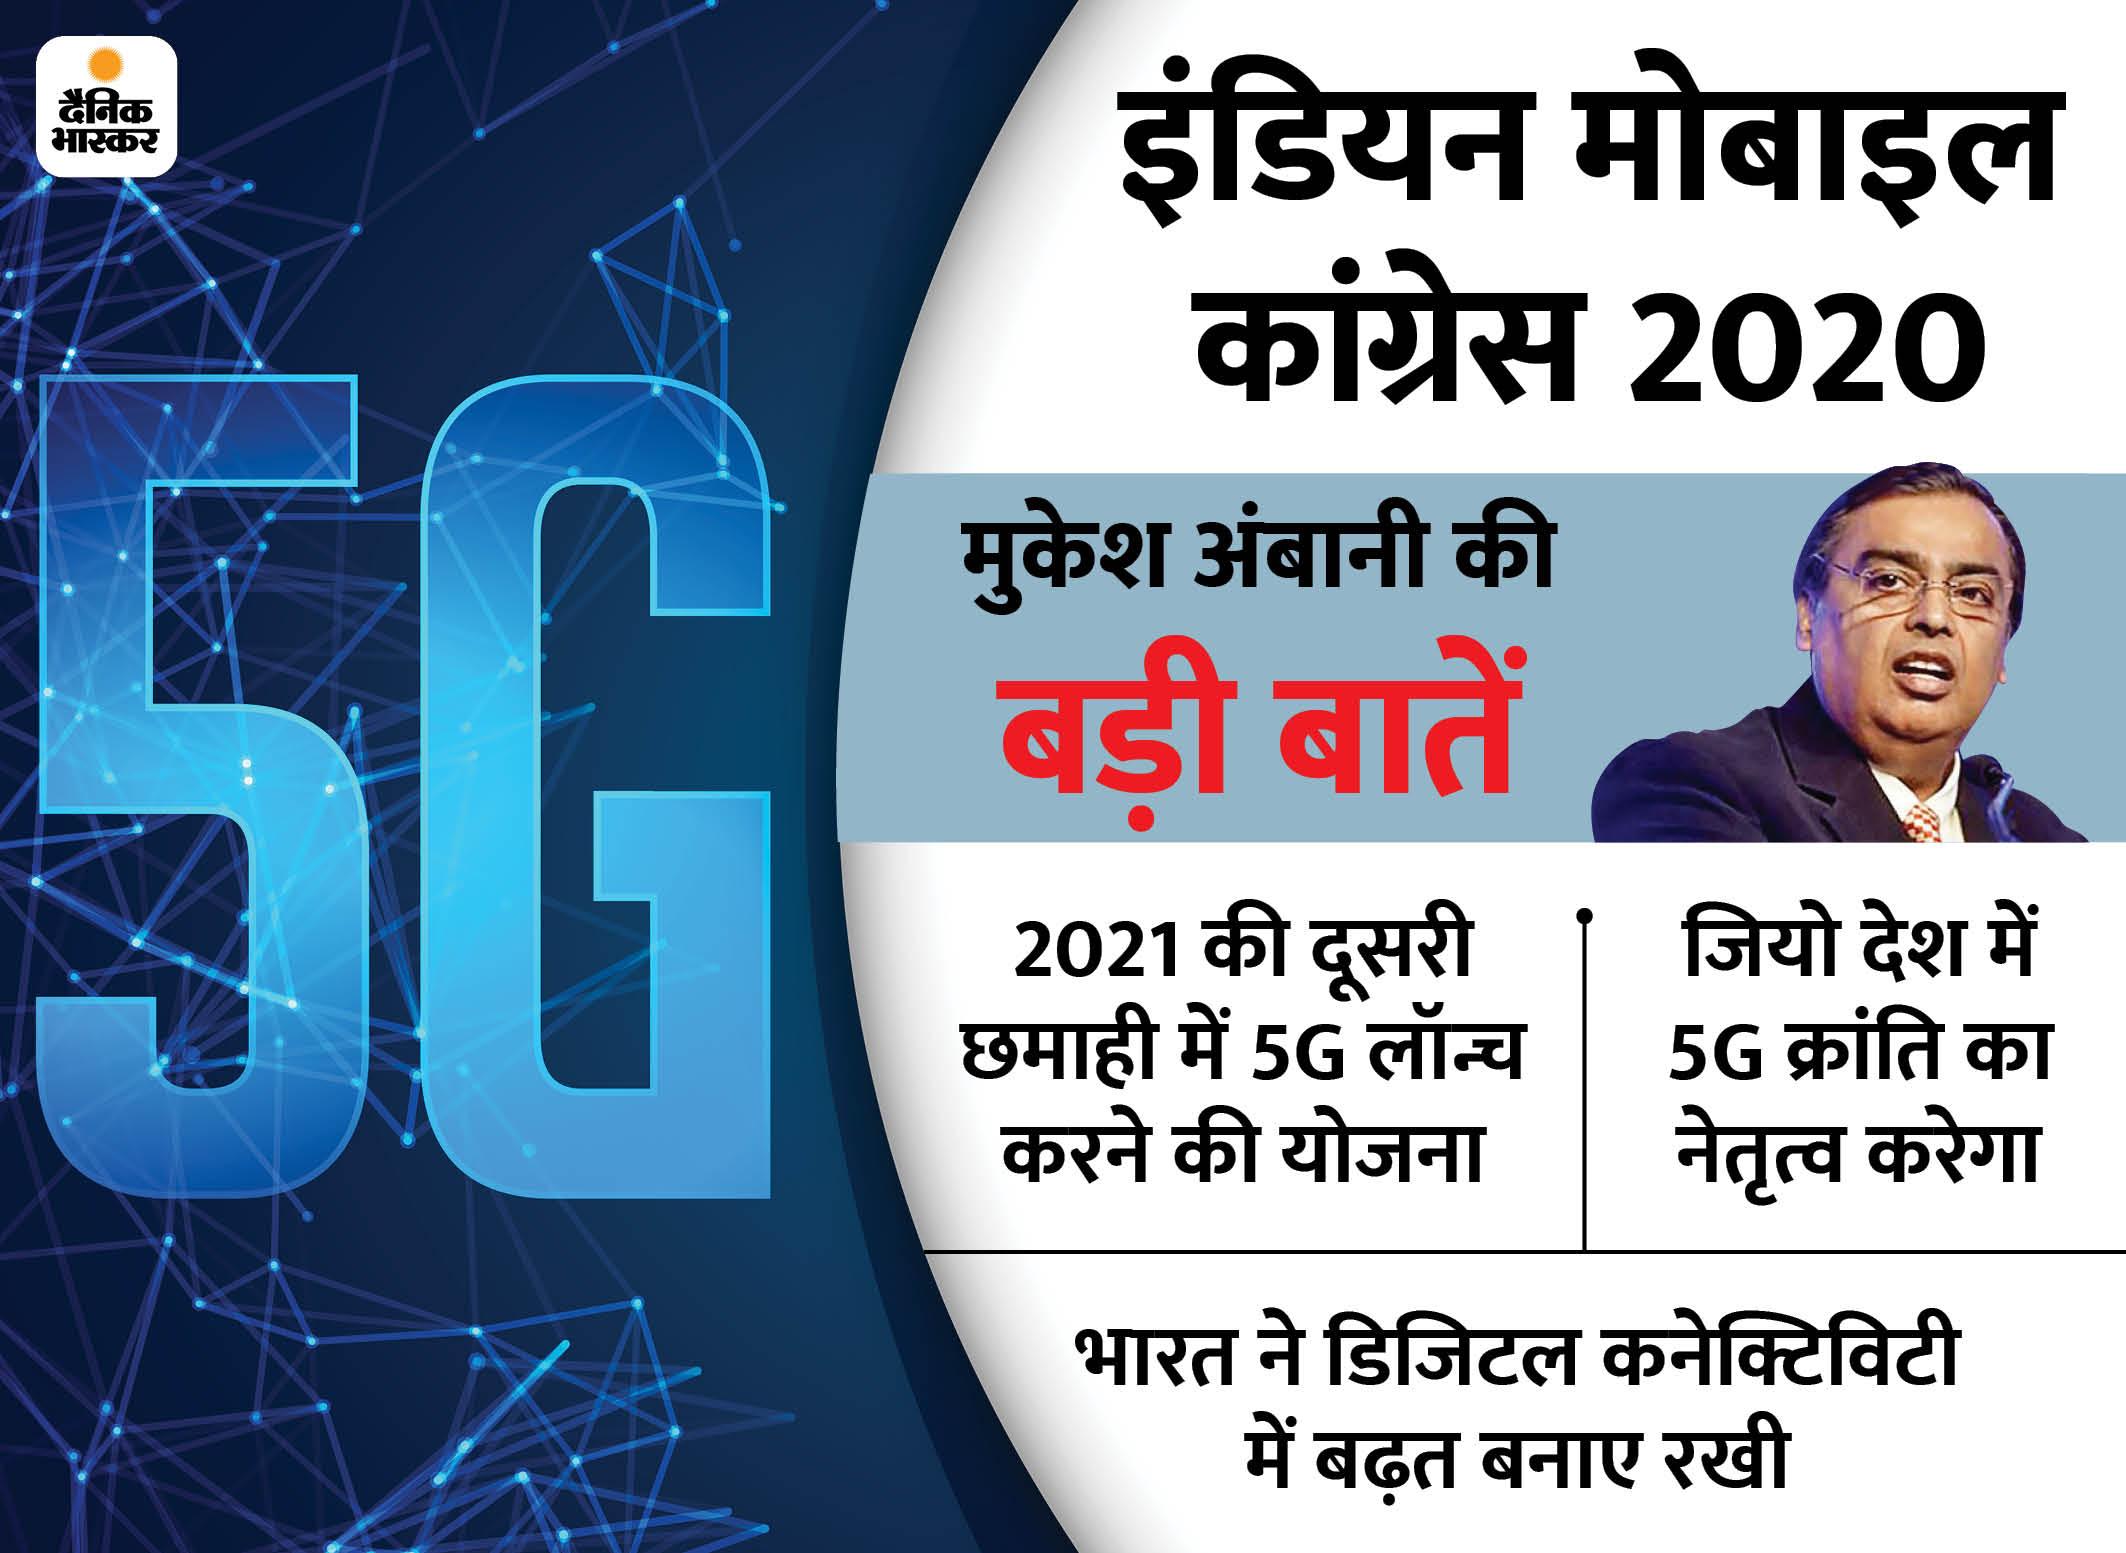 देश का सबसे बड़ा टेक्नोलॉजी इवेंट शुरू, जियो 2021 की दूसरी छमाही में 5G लॉन्च करने की योजना बना रही टेक & ऑटो,Tech & Auto - Dainik Bhaskar